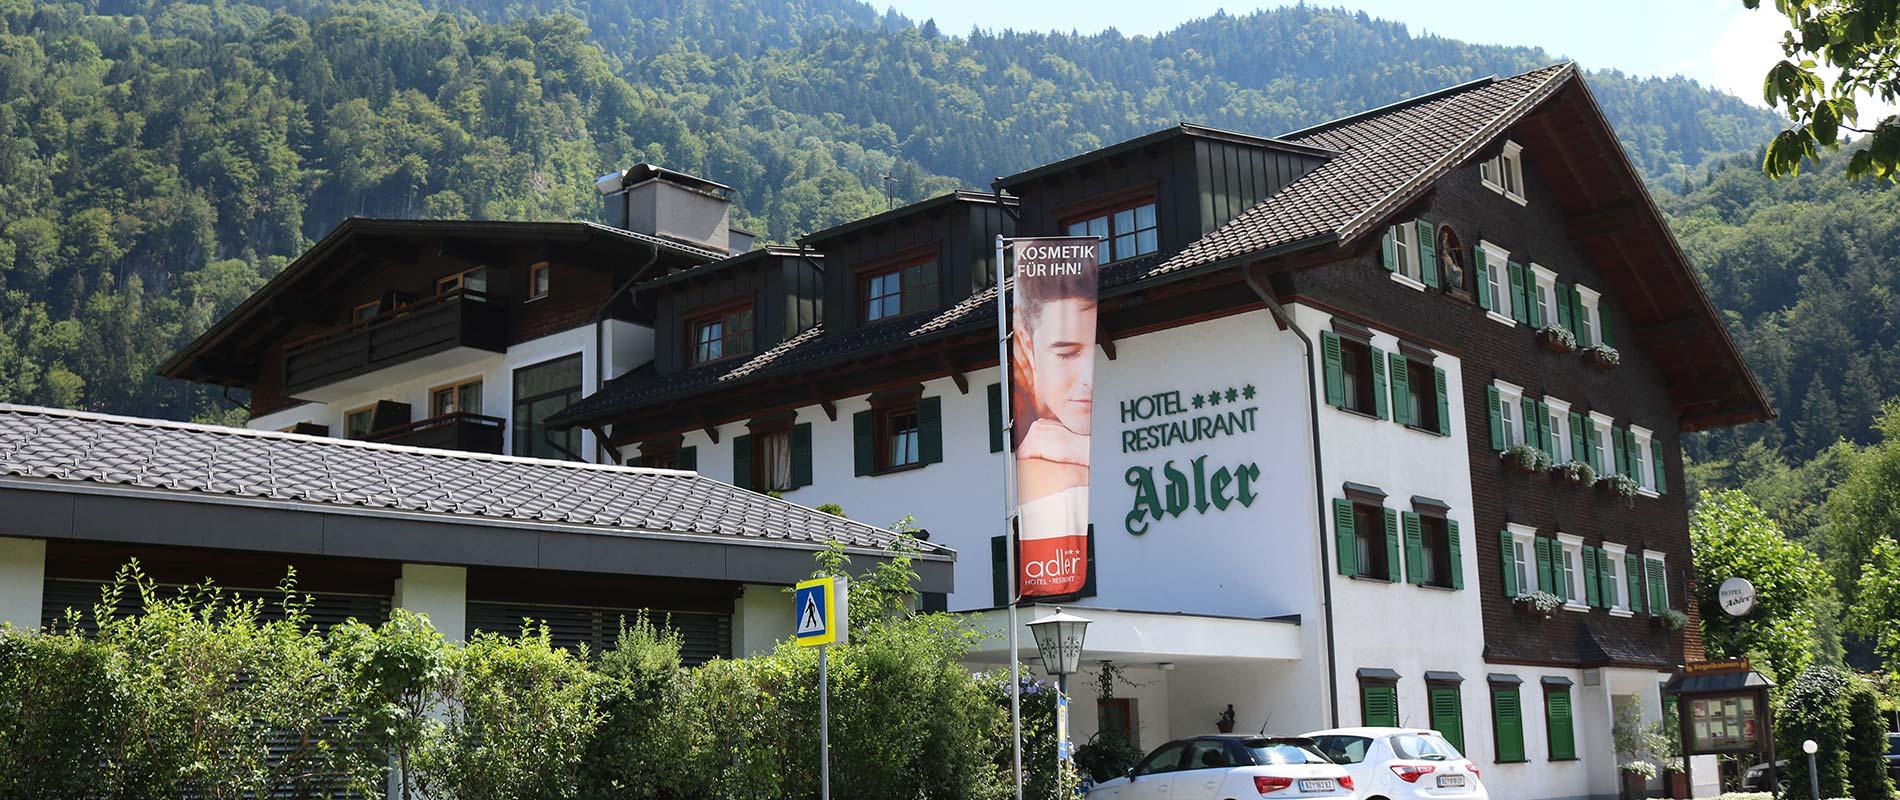 Hotel Adler Montafon Sommer